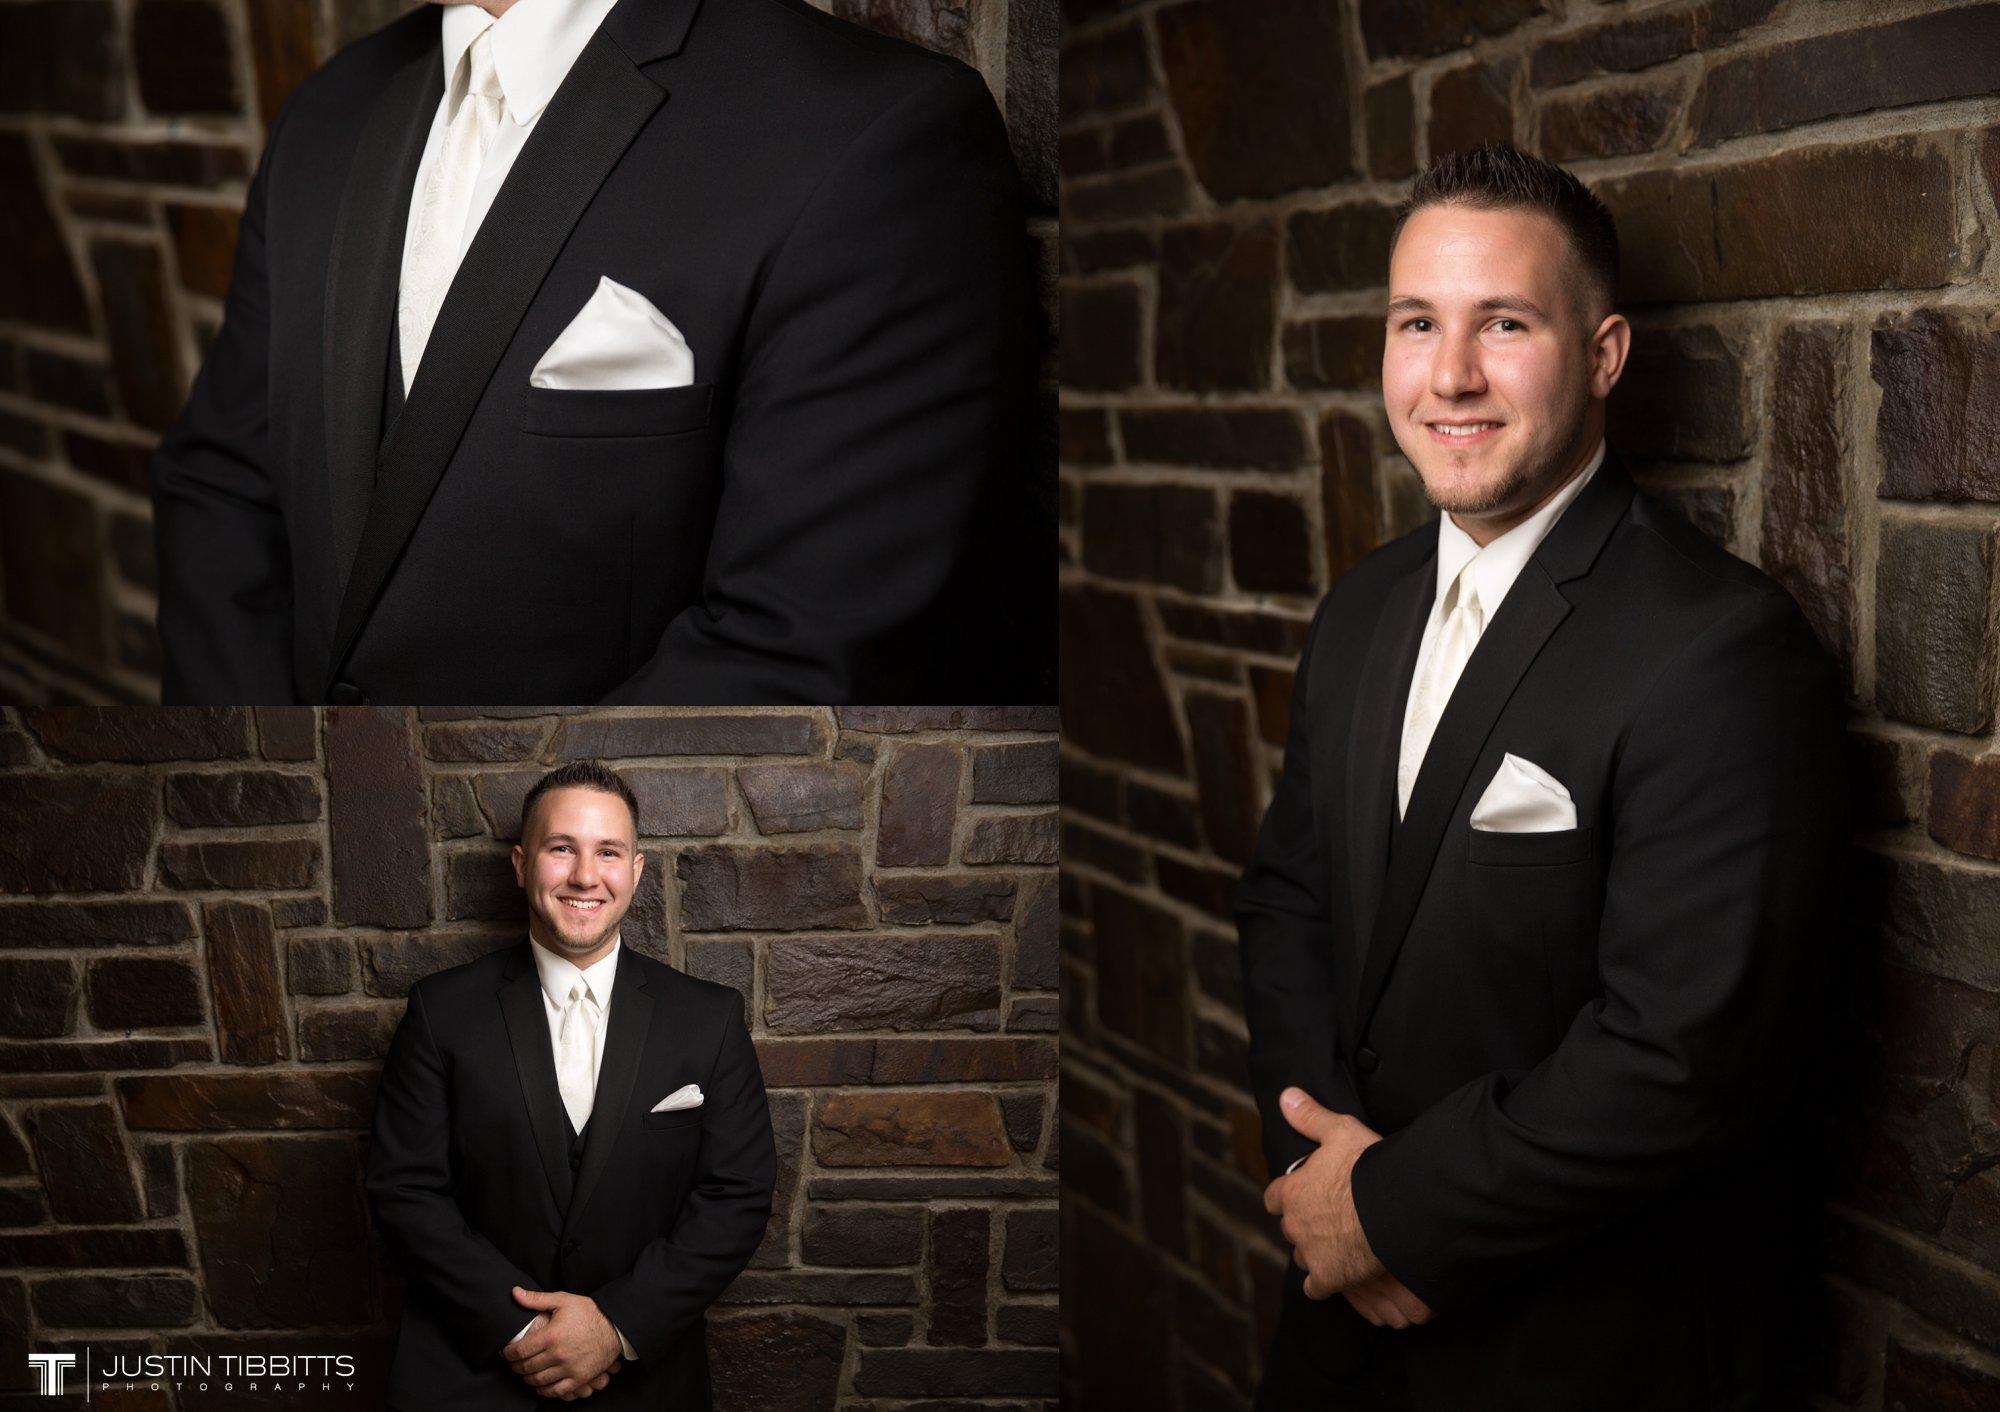 Albany NY Wedding Photographer Justin Tibbitts Photography 2014 Best of Albany NY Weddings-3851233